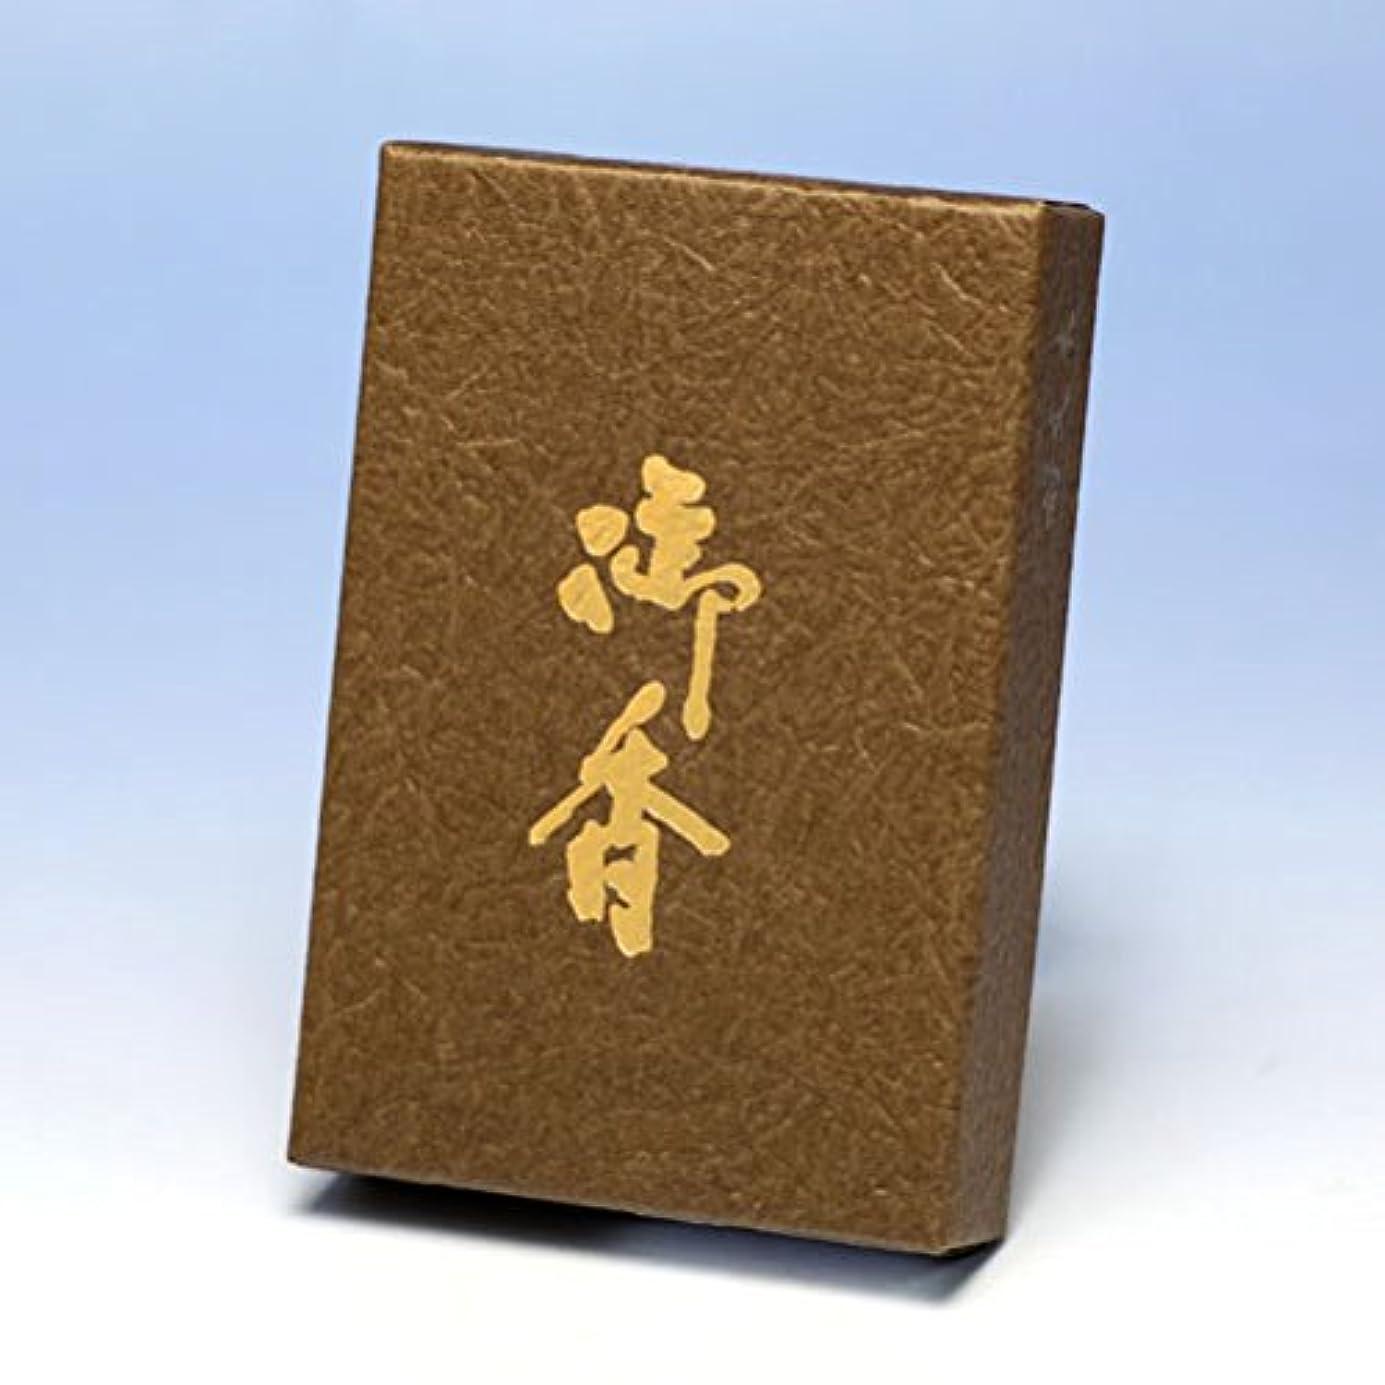 ホット学習トレイ極上鳳龍印 25g 紙箱入り お焼香 梅栄堂